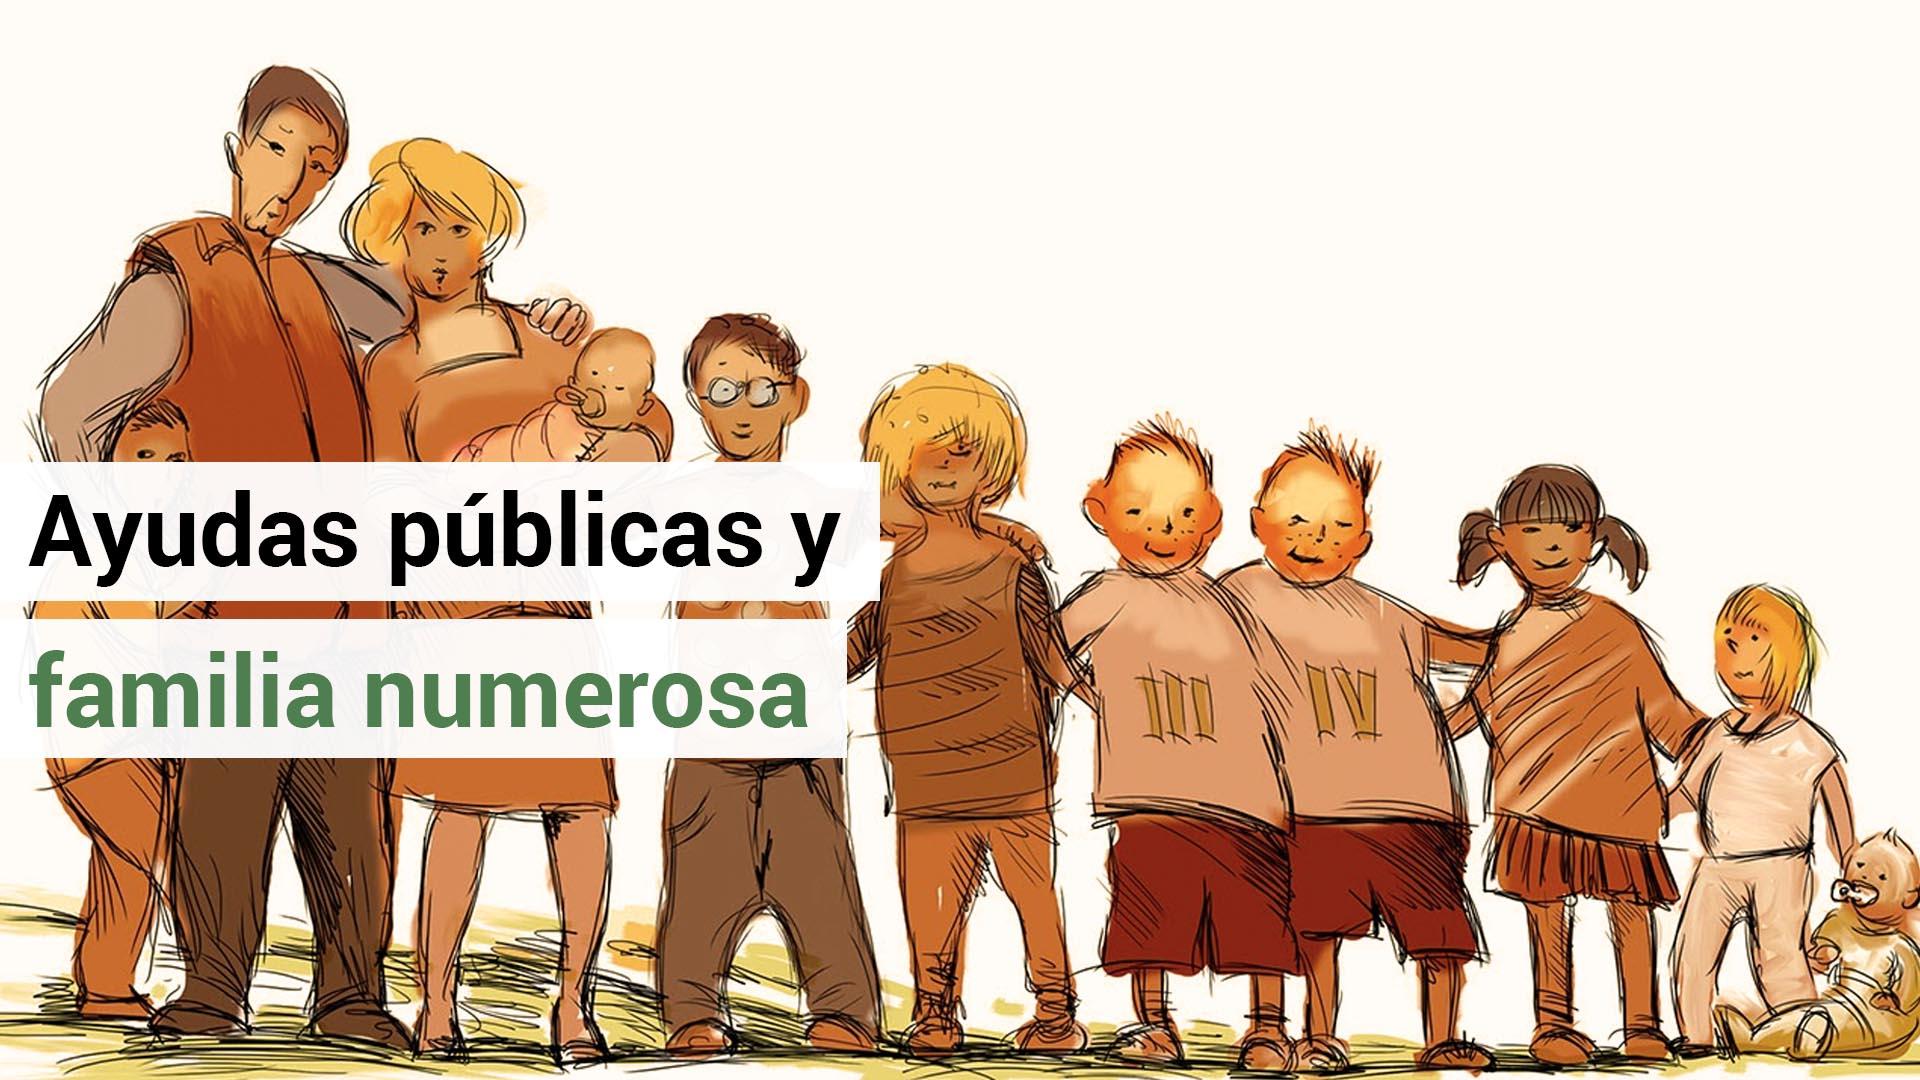 El concepto de familia numerosa a efectos de ayudas públicas